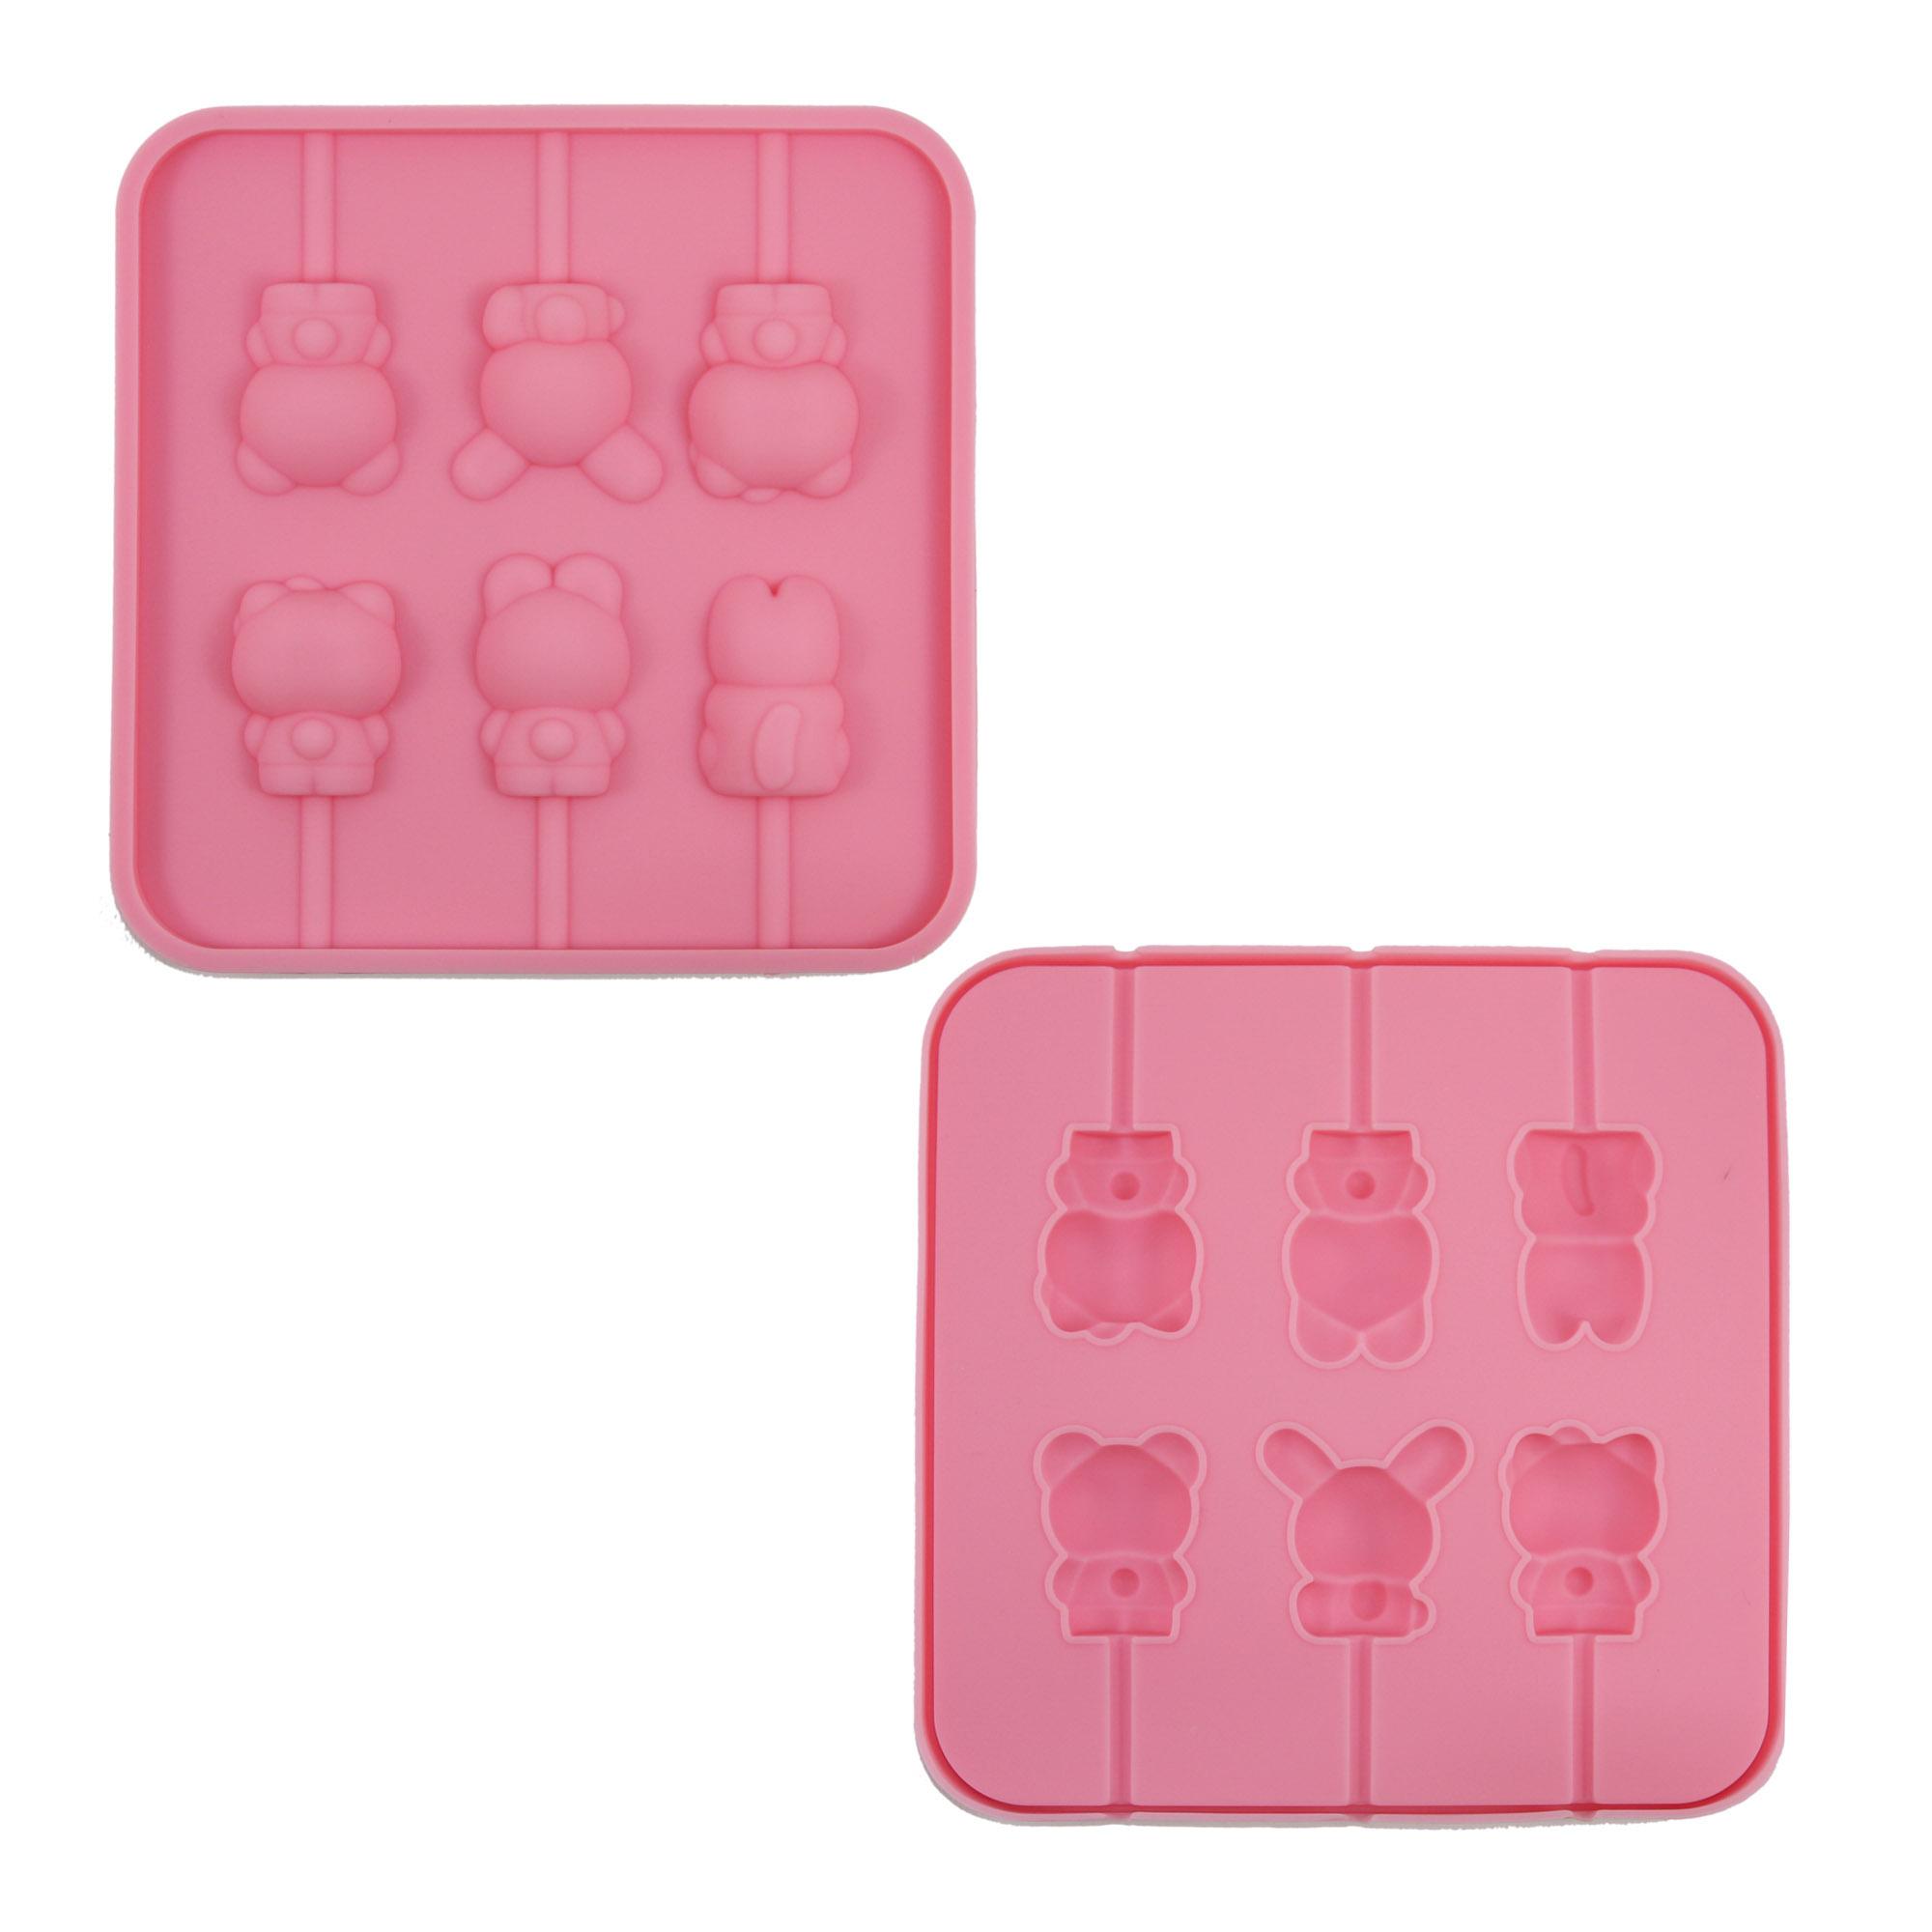 พิมพ์ซิลิโคนลายตัวกระต่าย 6 หลุมสีชมพู